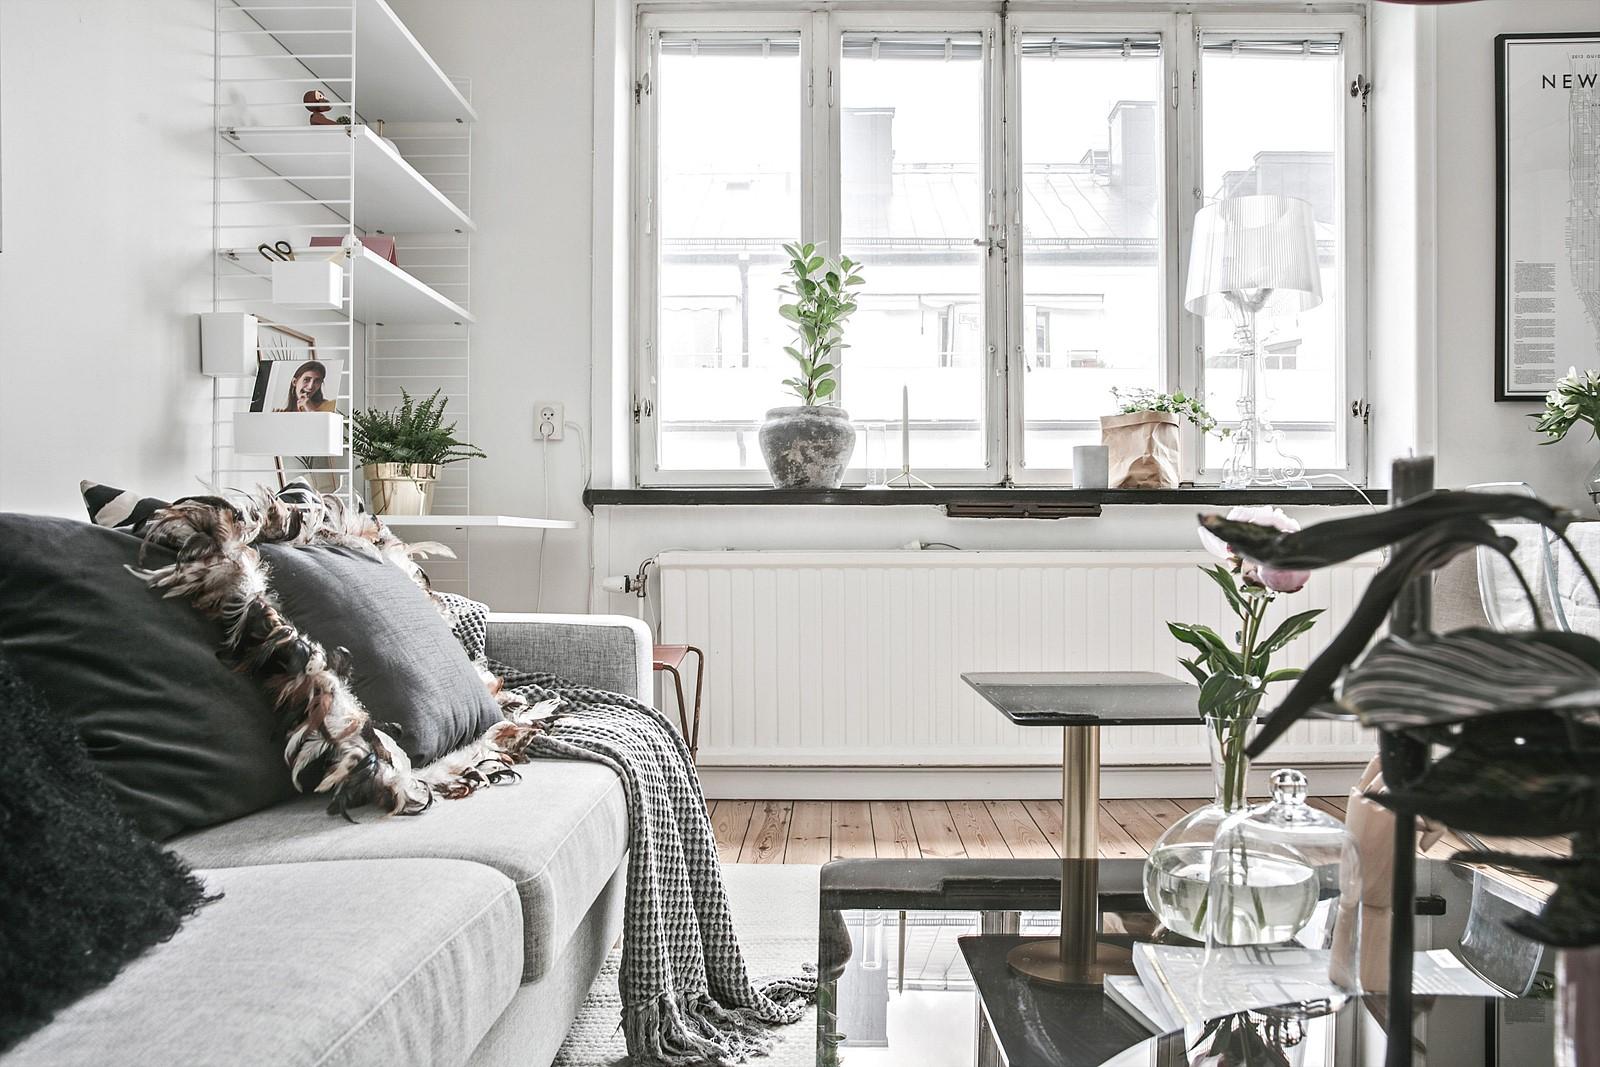 гостиная полки окно подоконник диван столик цветок